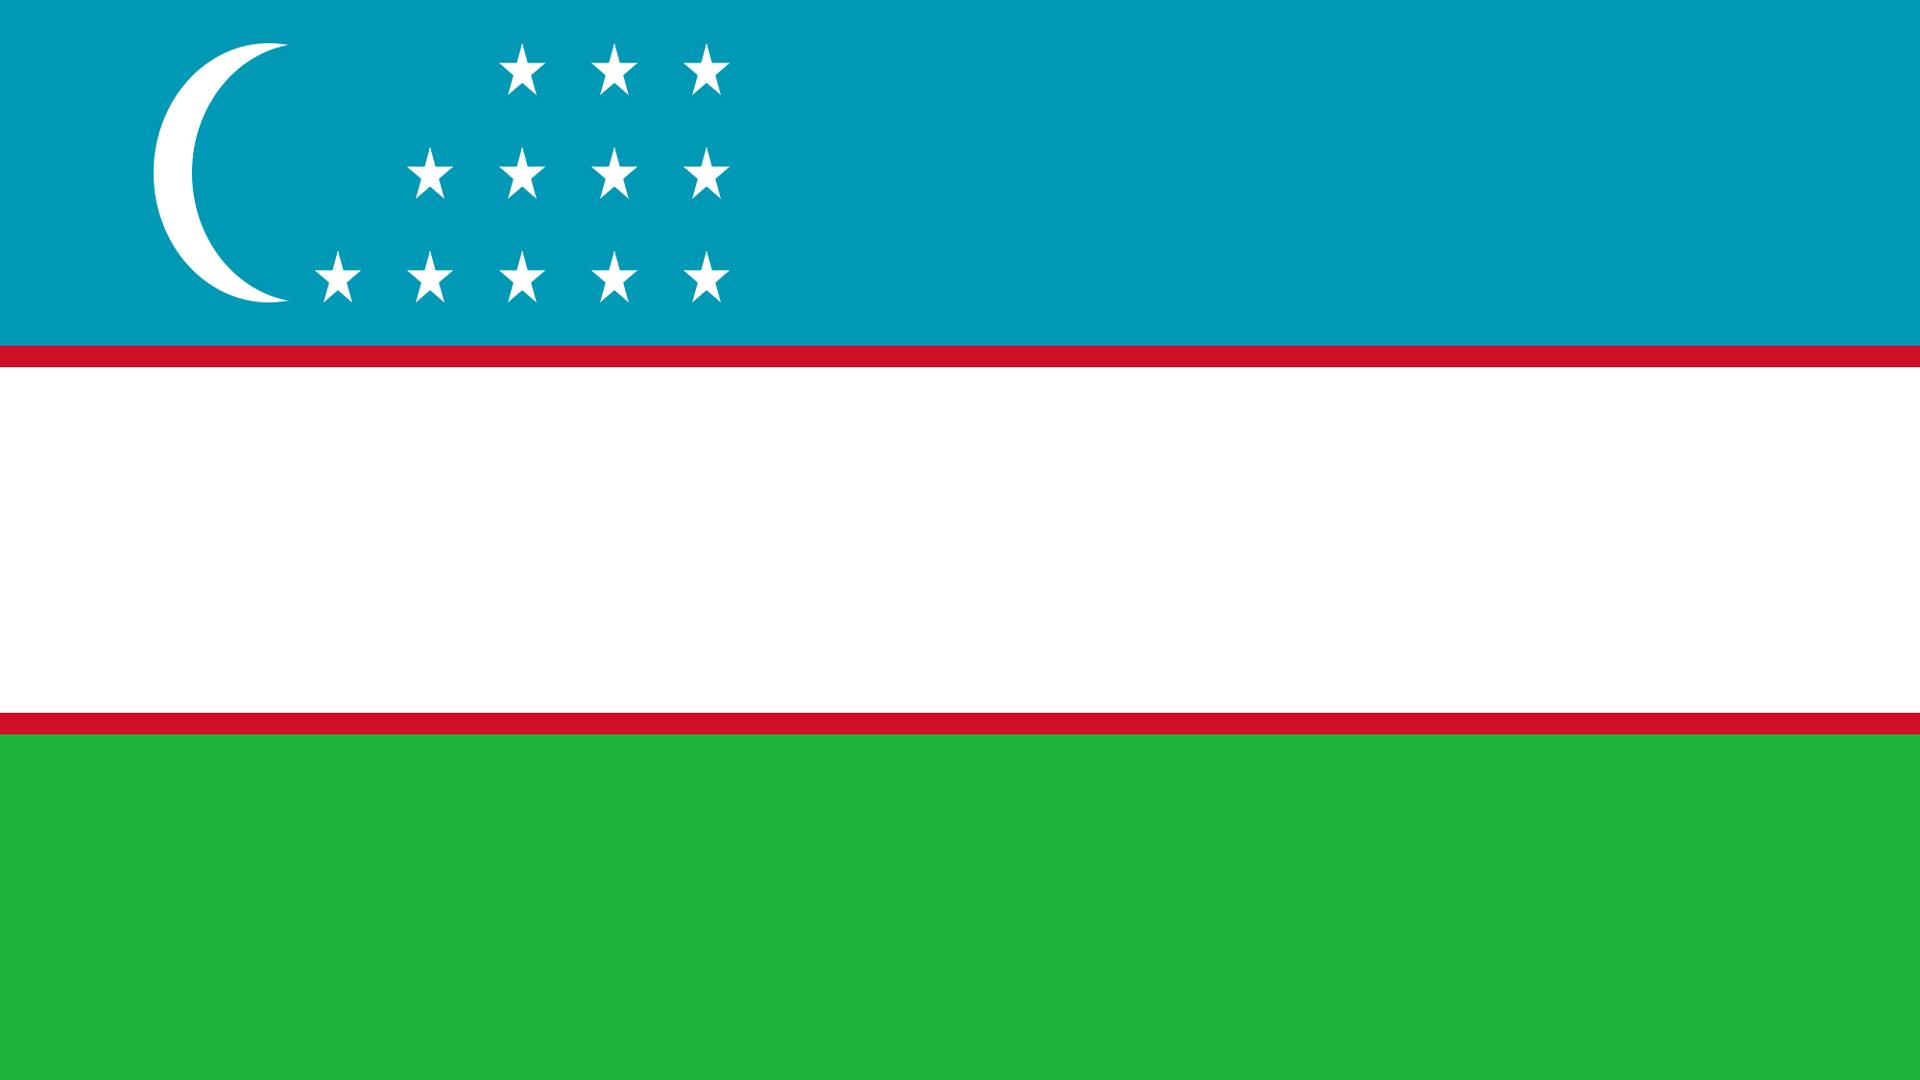 Uzbekistan Flag   Wallpaper High Definition High Quality Widescreen 1920x1080